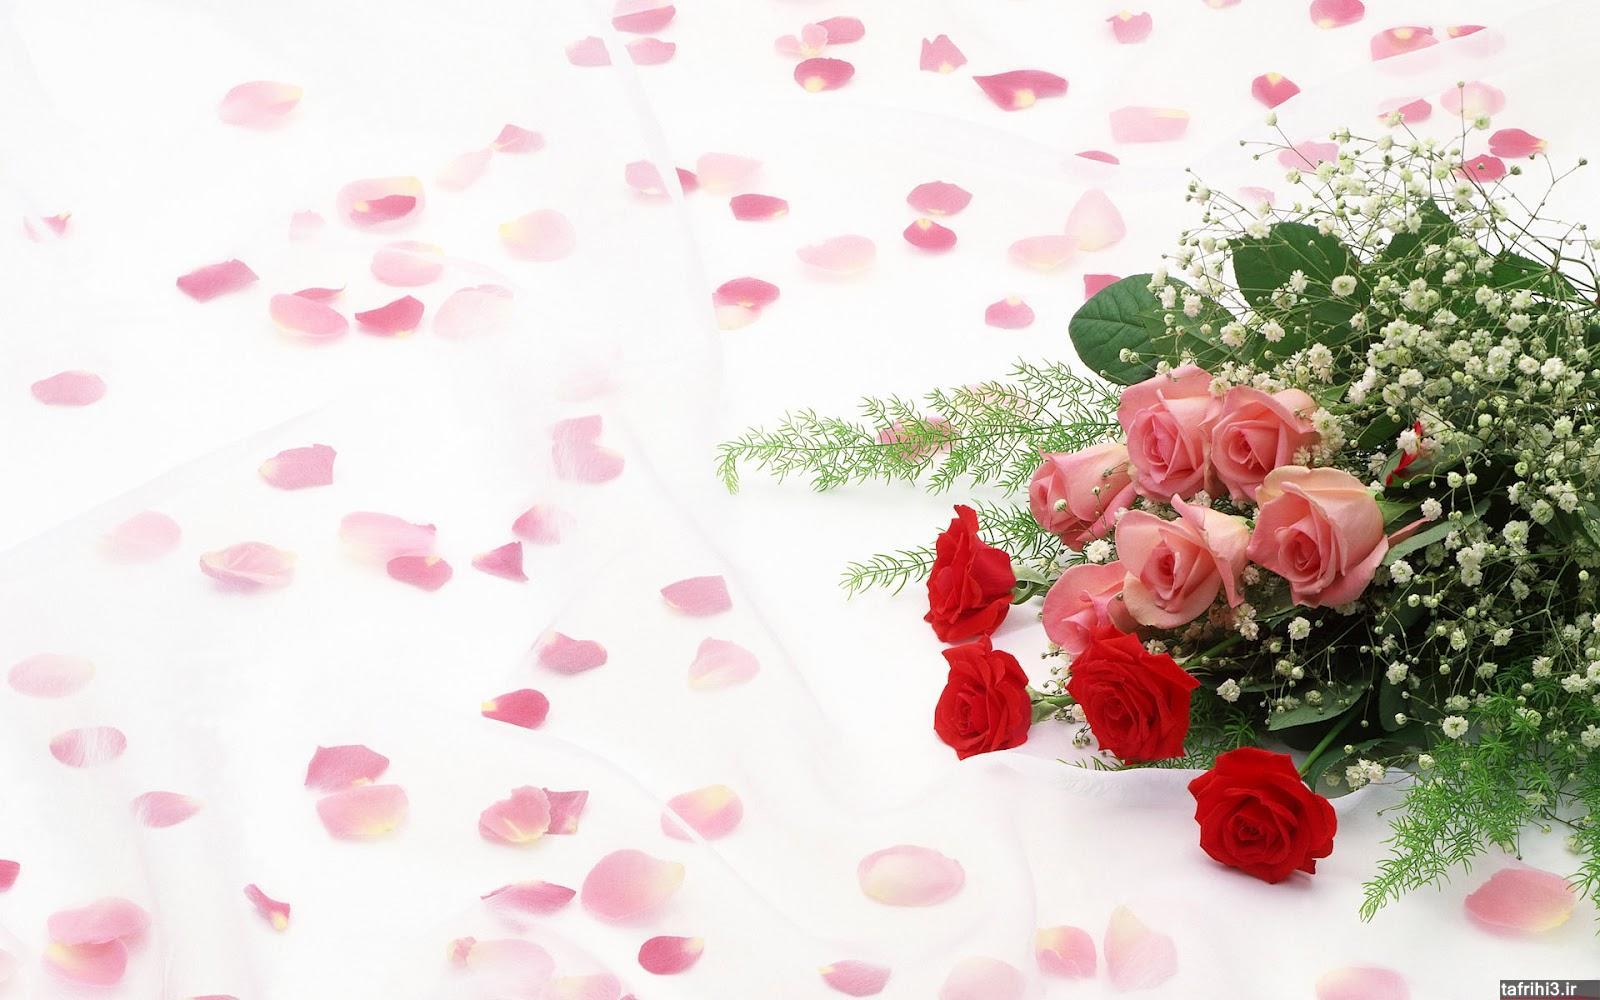 عکس های گل رز قرمز با کیفیت hd